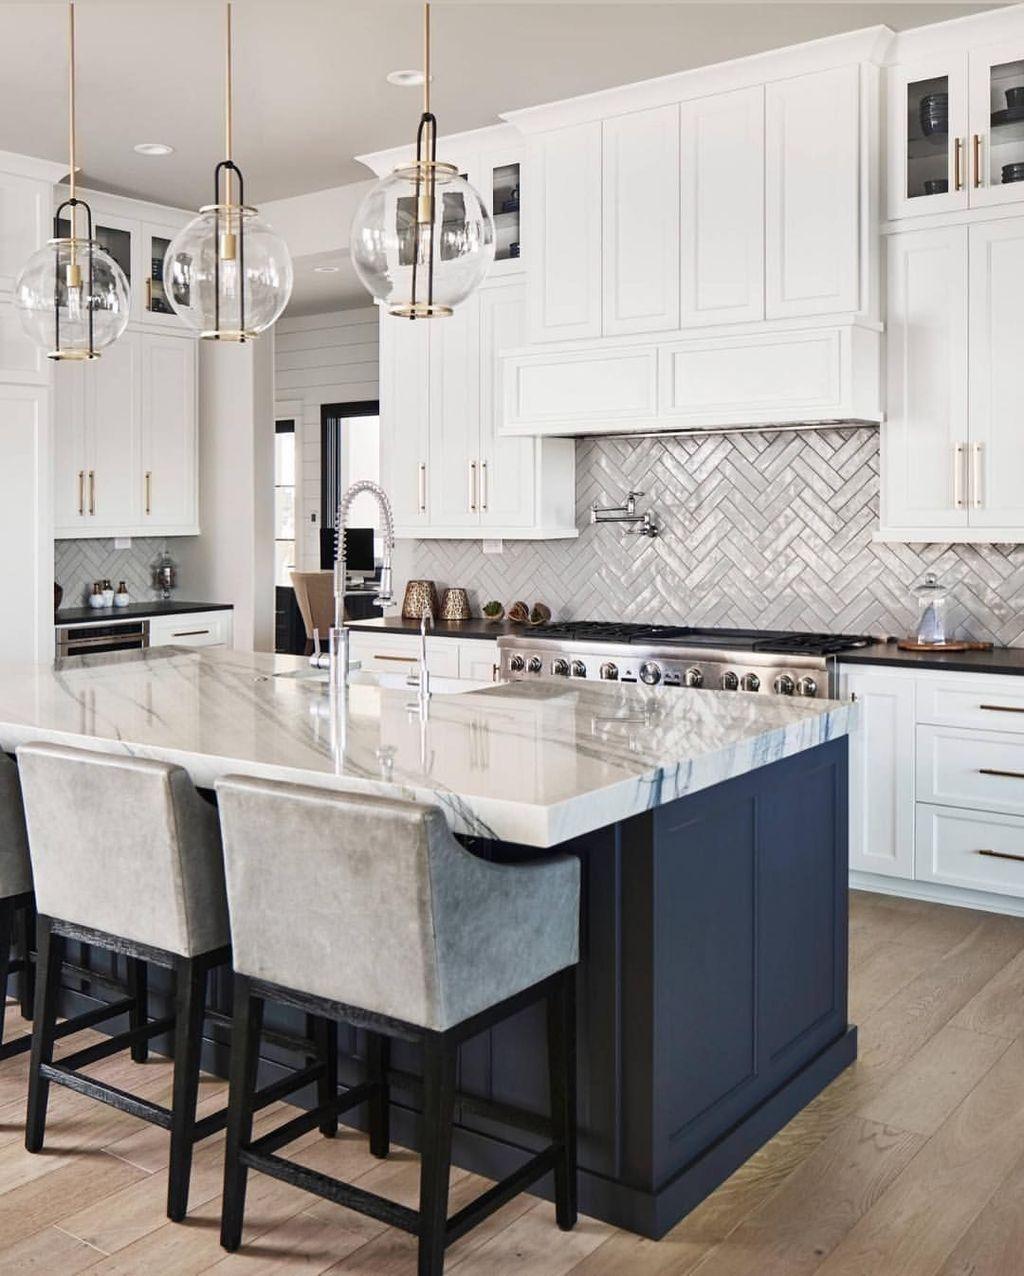 39 Adorable White Kitchen Design Ideas #islandkitchenideas